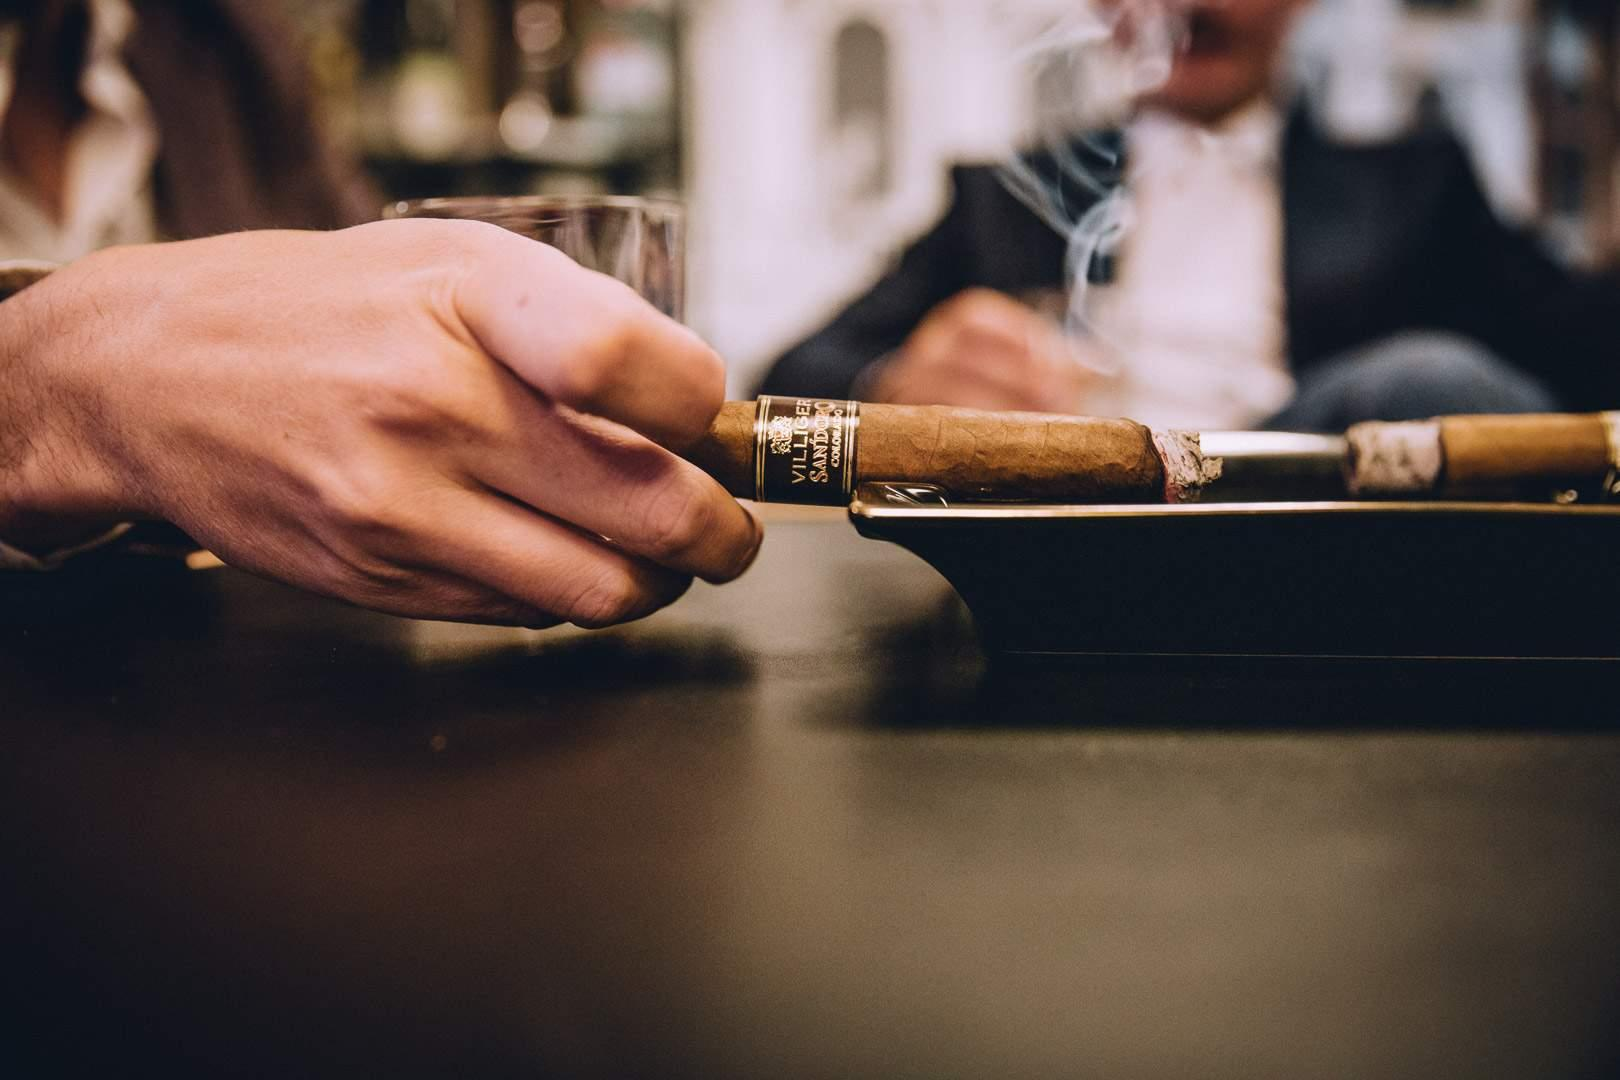 cigar-in-ashtray